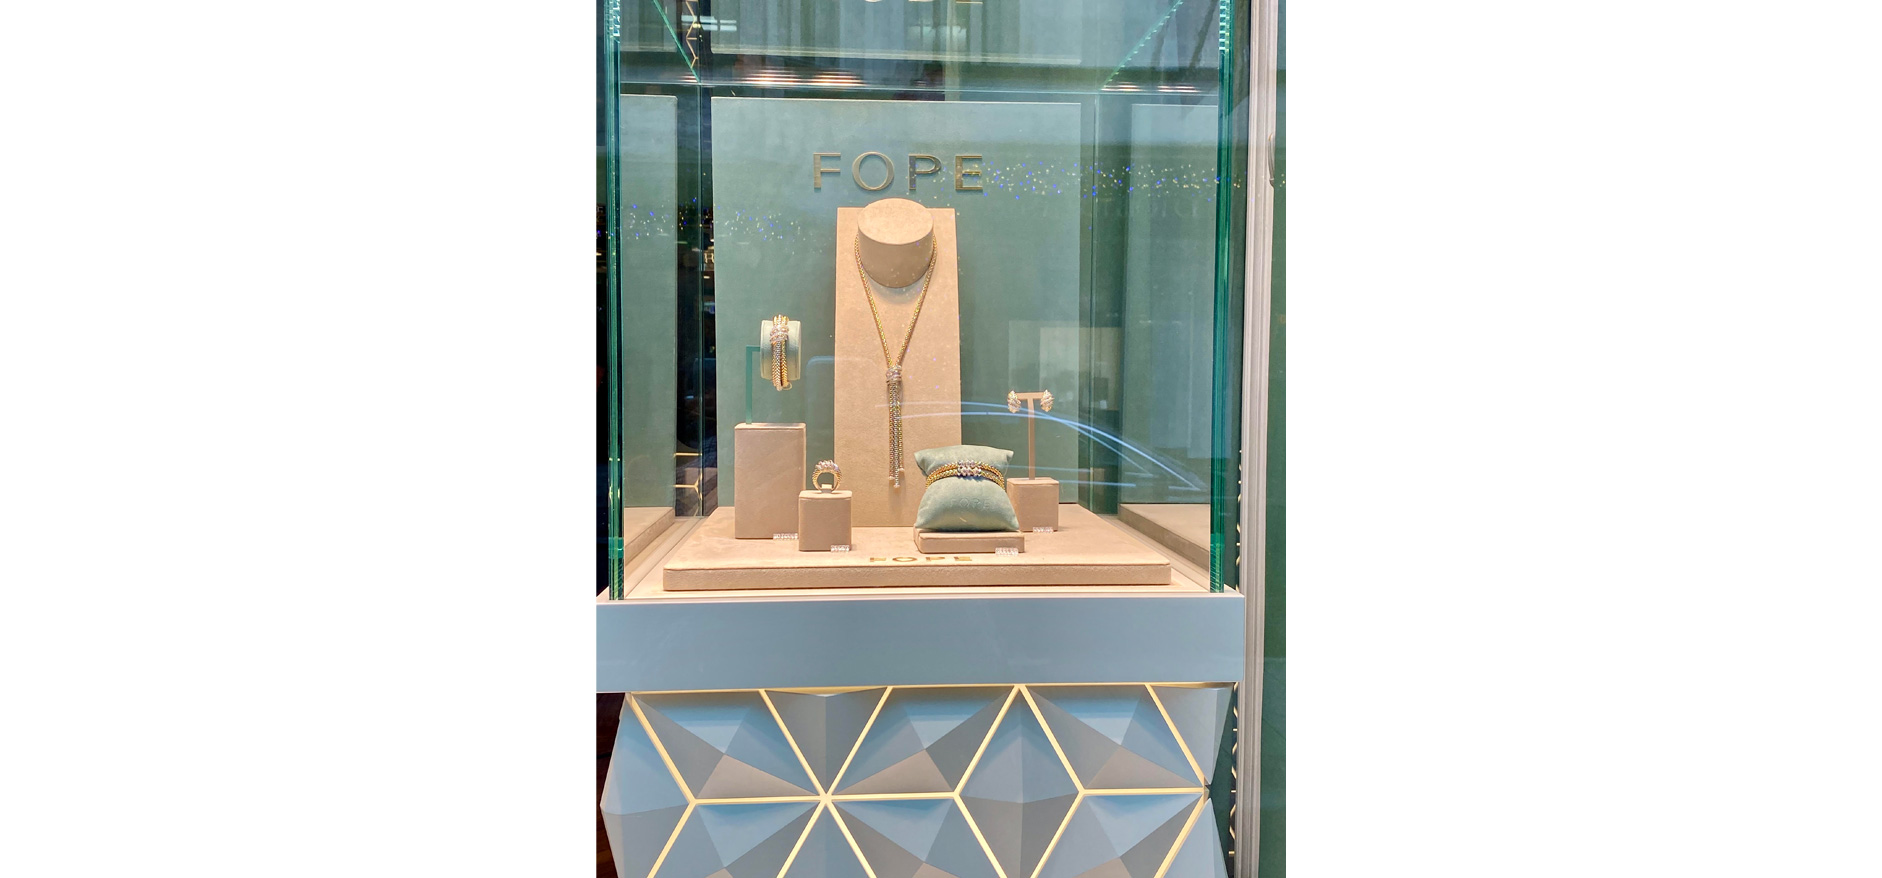 FOPE visual displays